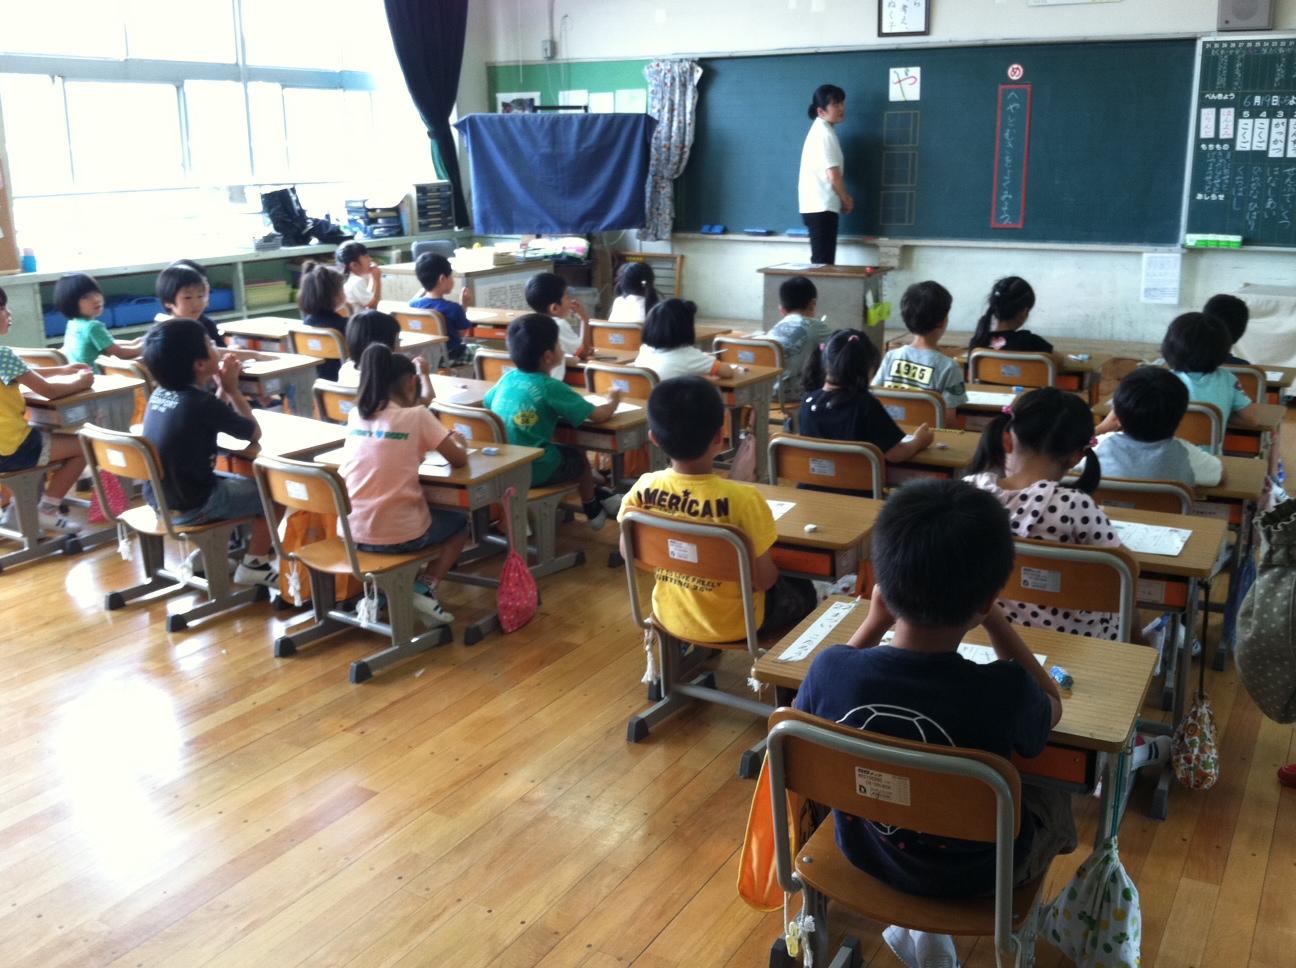 http://3.bp.blogspot.com/-ojUC1I1Xr28/Tgq4lDhDRMI/AAAAAAAAAKo/pBoSWFCkXmA/s1600/japanese%2Bclassroom.JPG